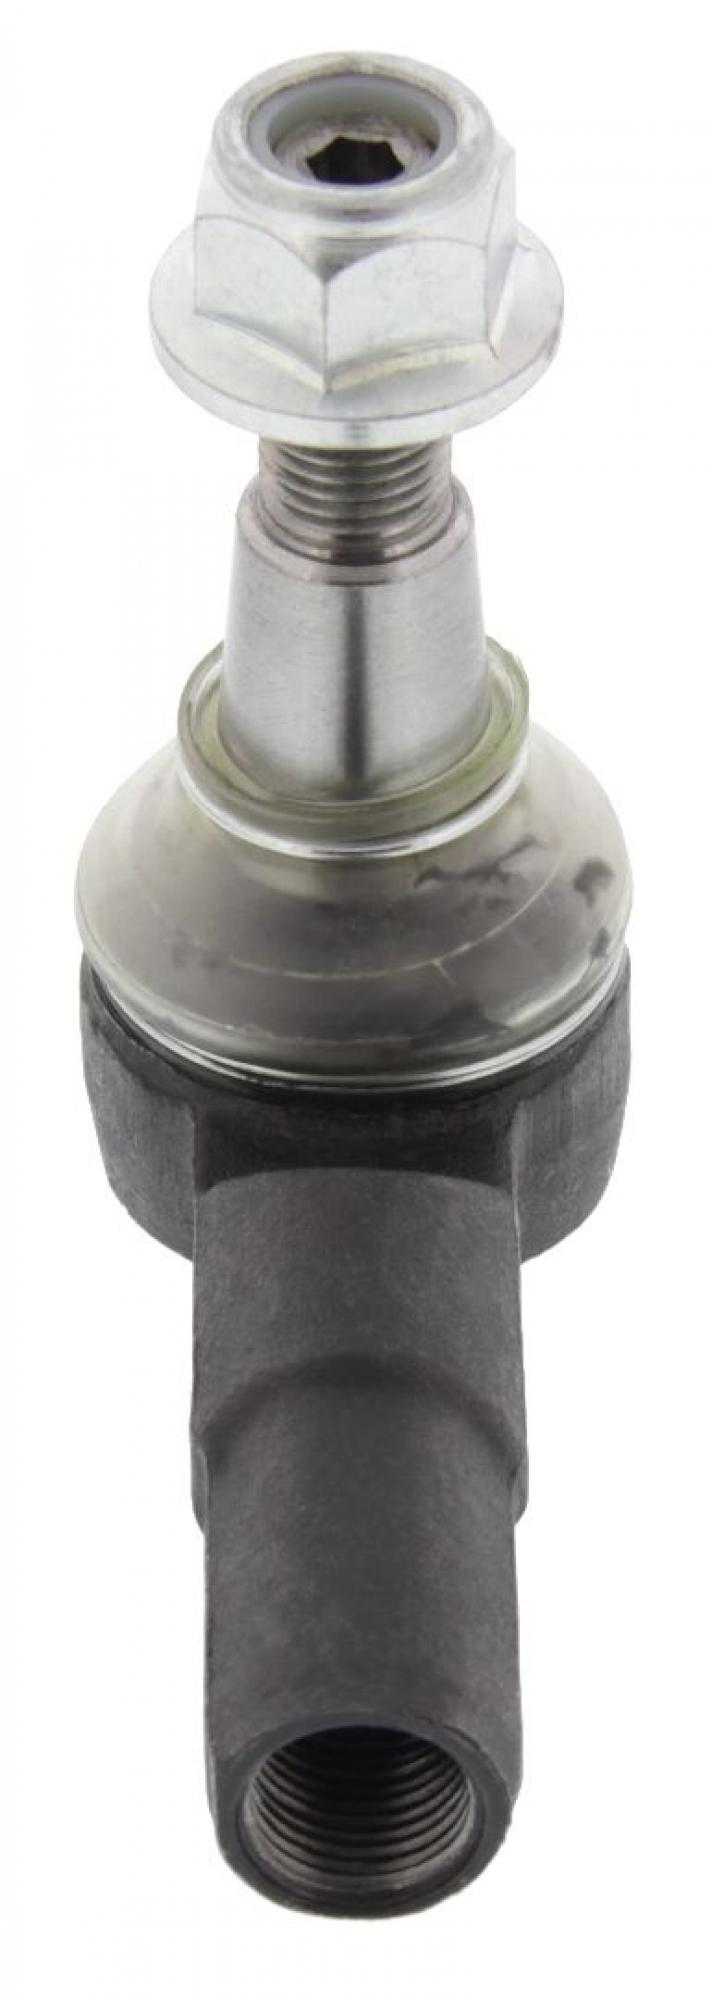 MAPCO 52809 tie rod end